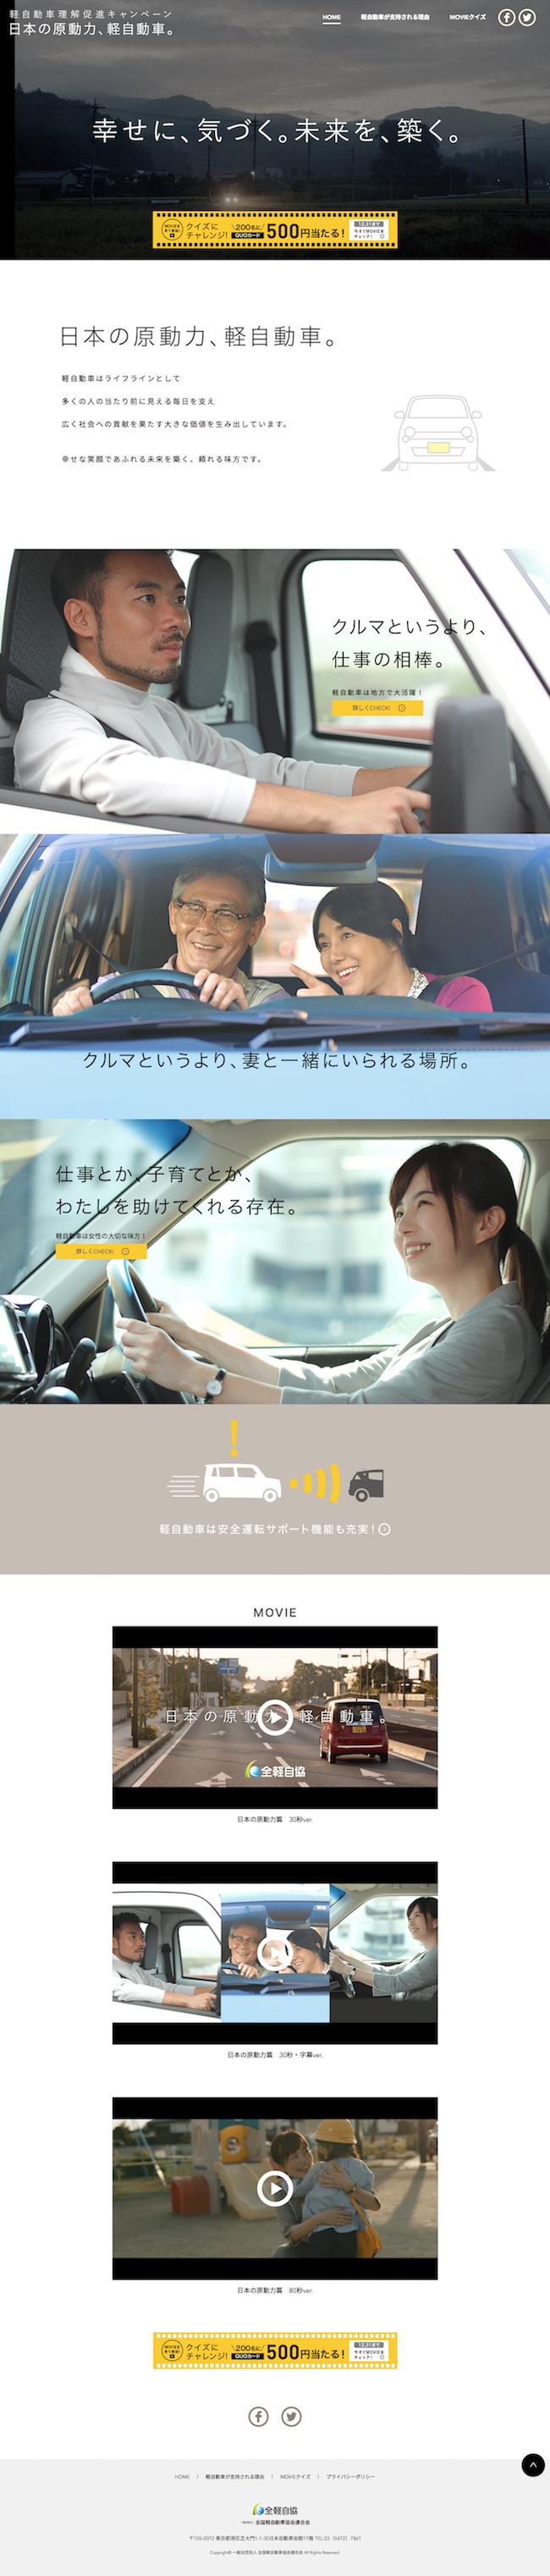 zenkeijikyo_web